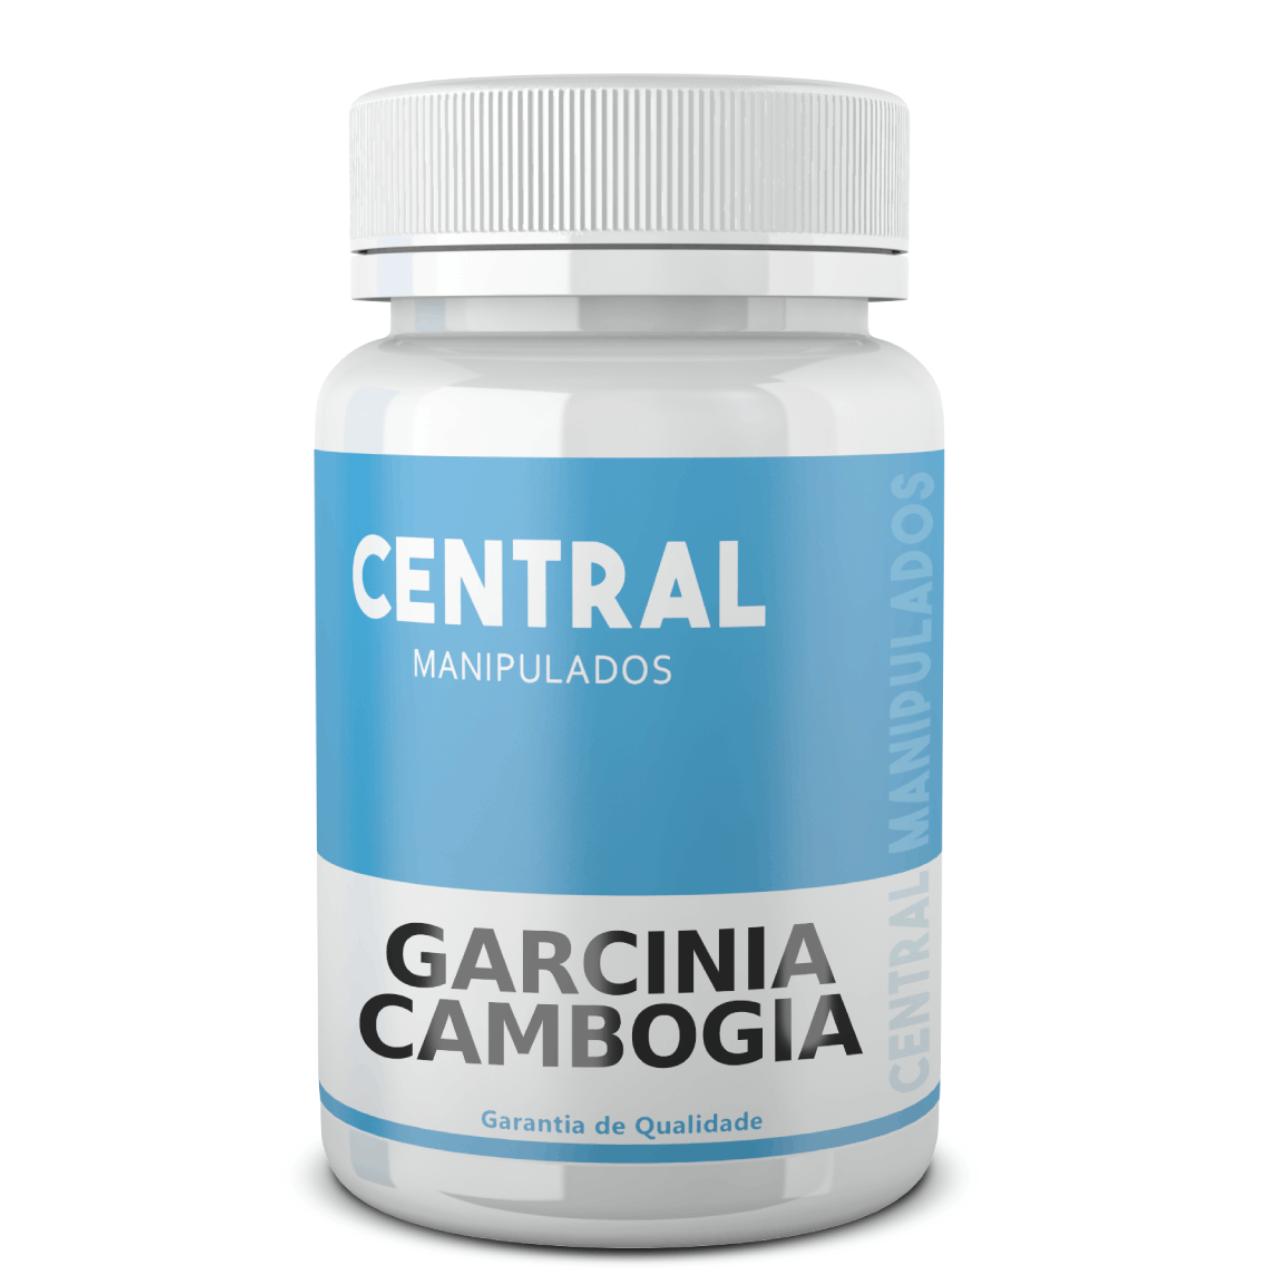 Garcinia Cambogia 500mg - 120 cápsulas - Auxílio na Redução de Medidas e Gerenciamento do Peso